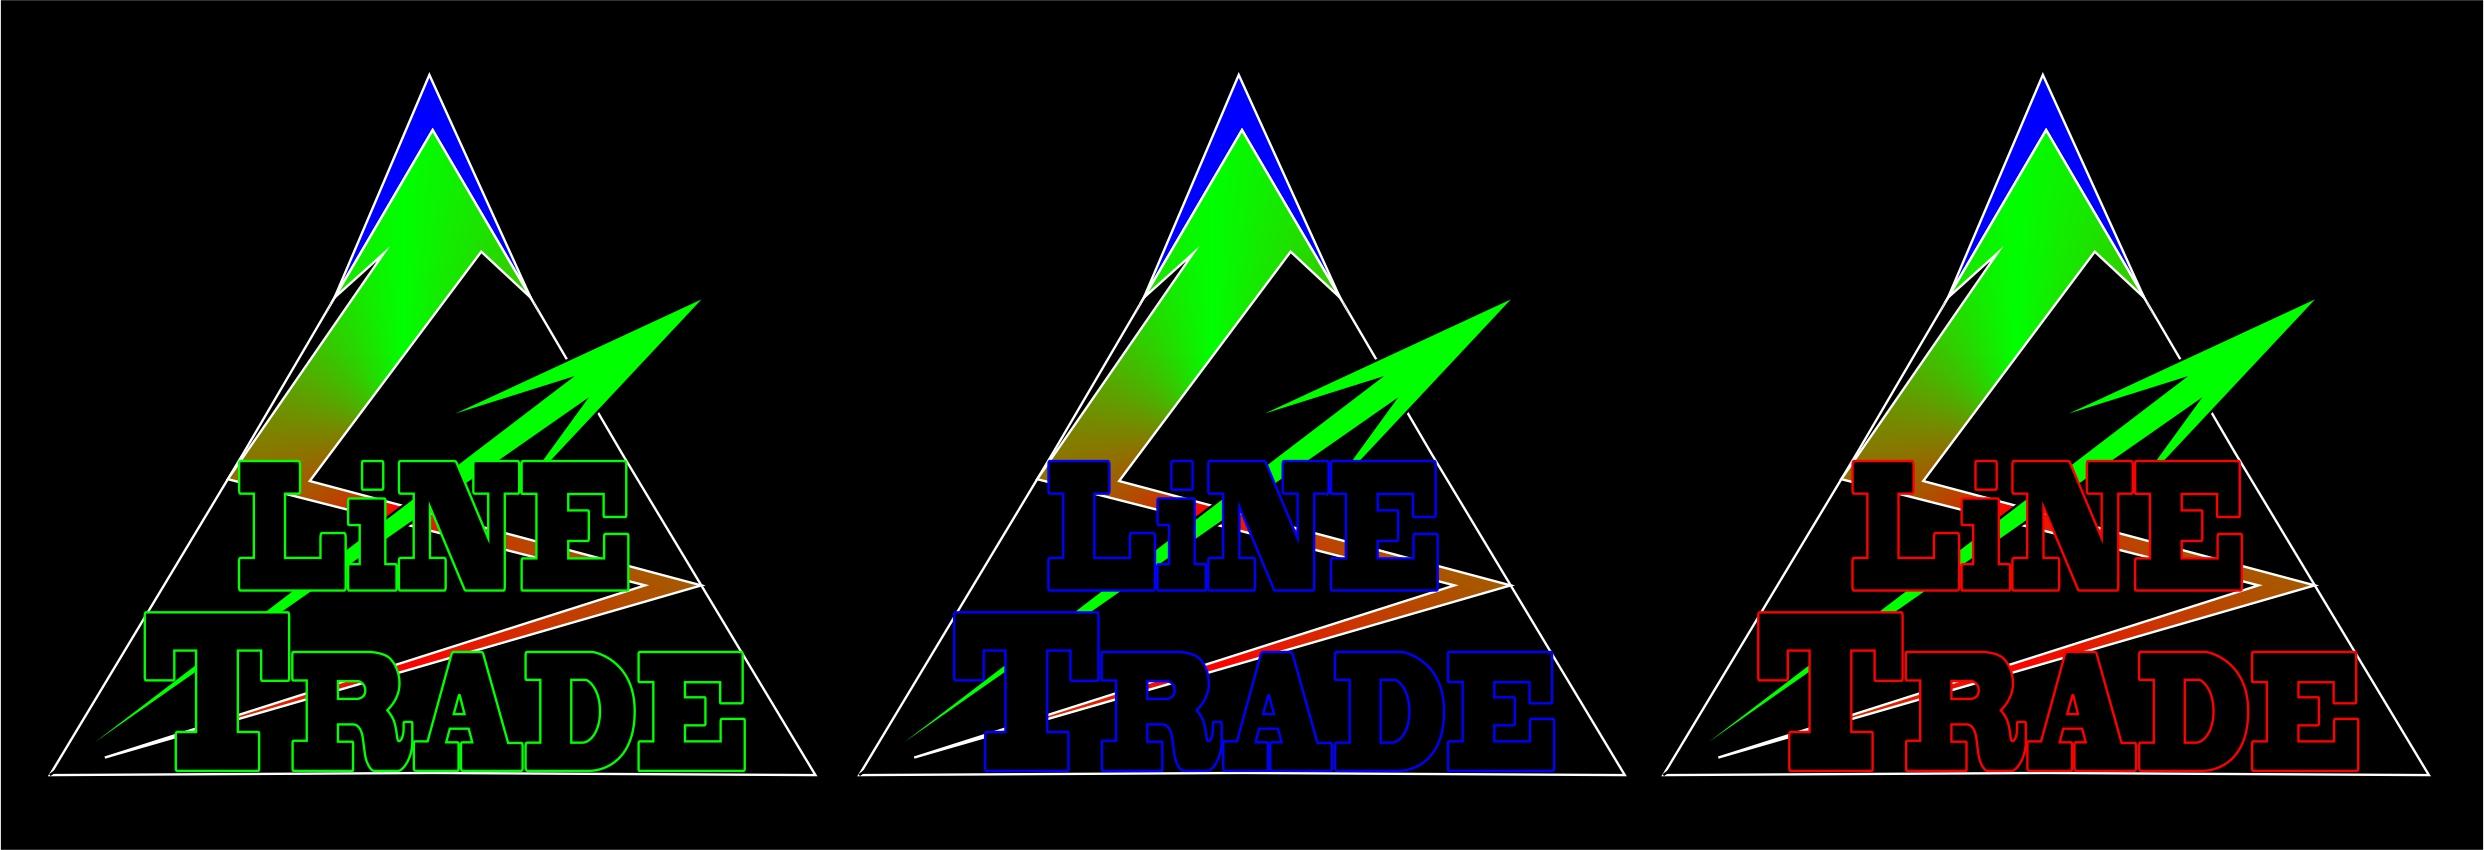 Разработка логотипа компании Line Trade фото f_21150f9d3f82109f.jpg